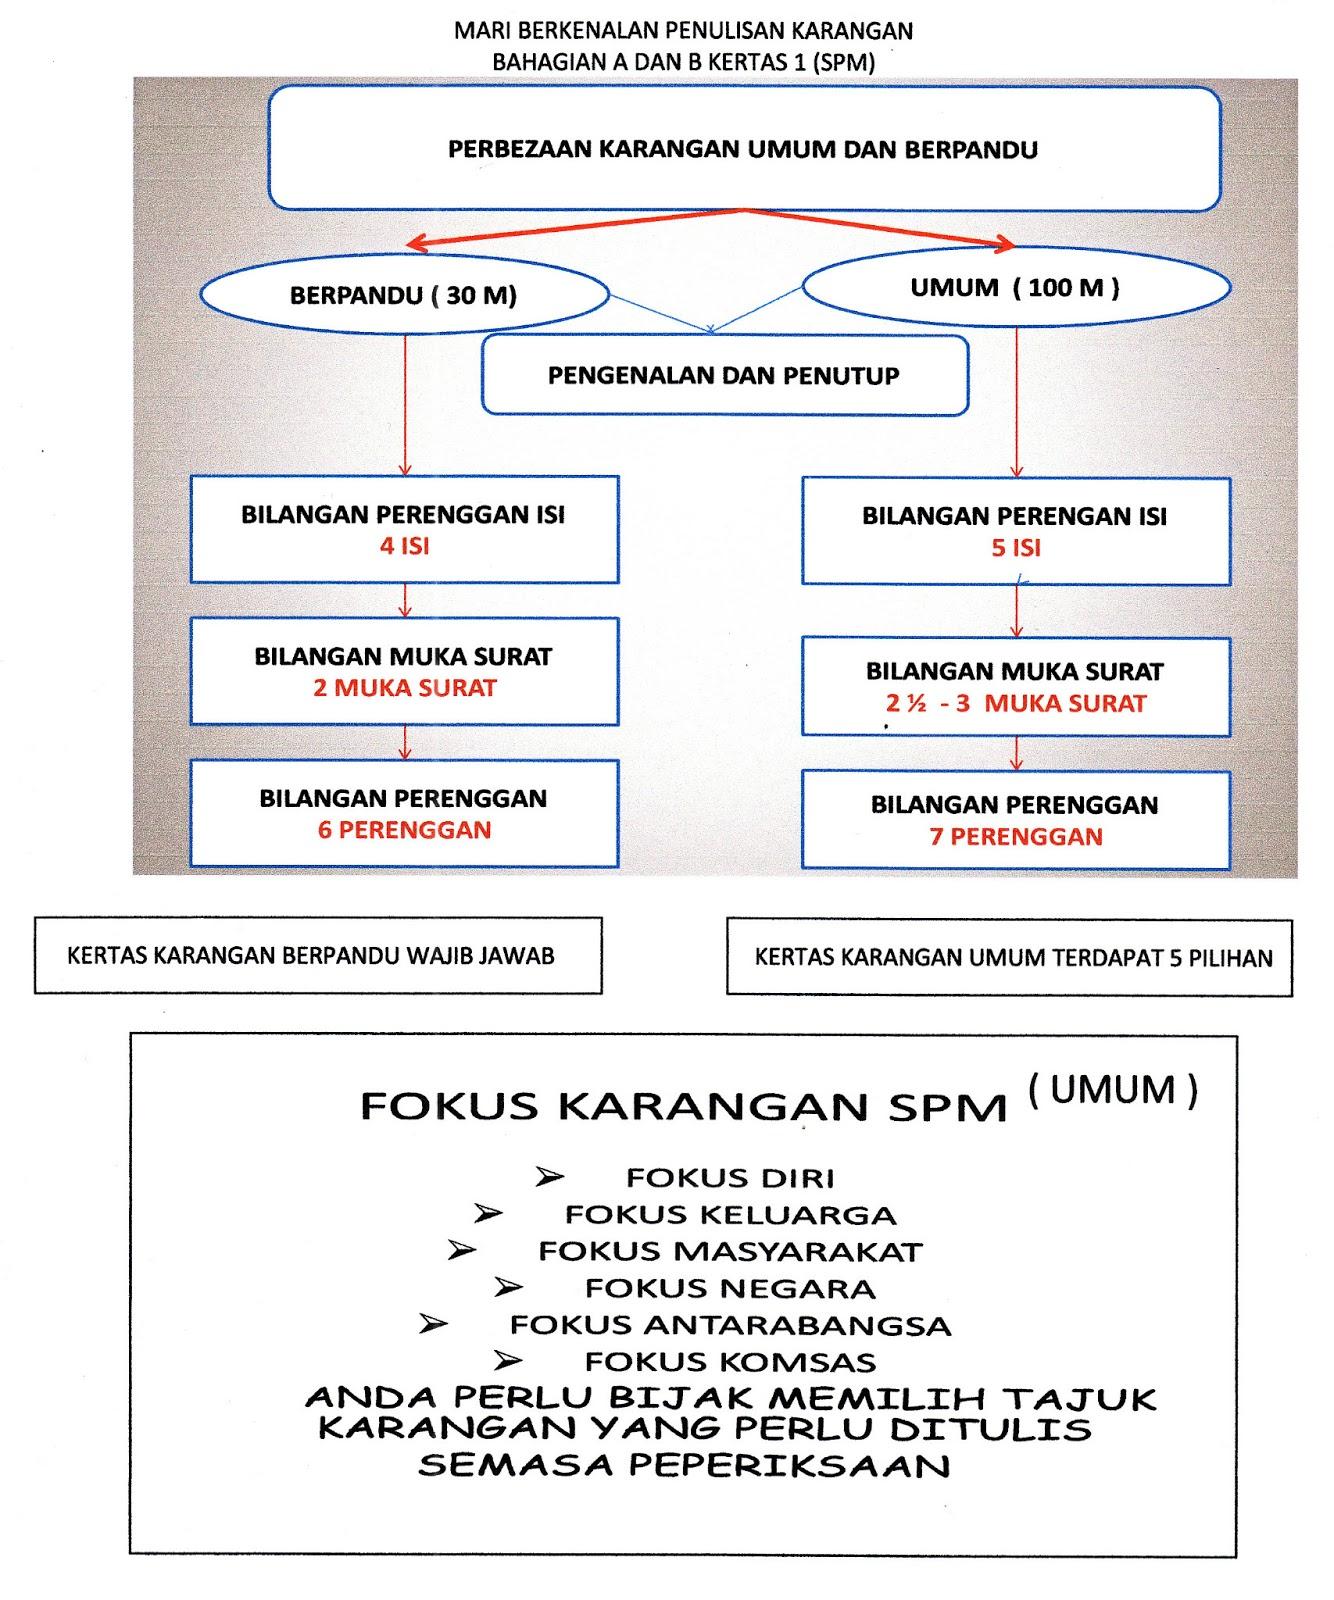 Tuisyen Individu Home Tuition #1 Kelantan: TEKNIK MENJAWAB ...